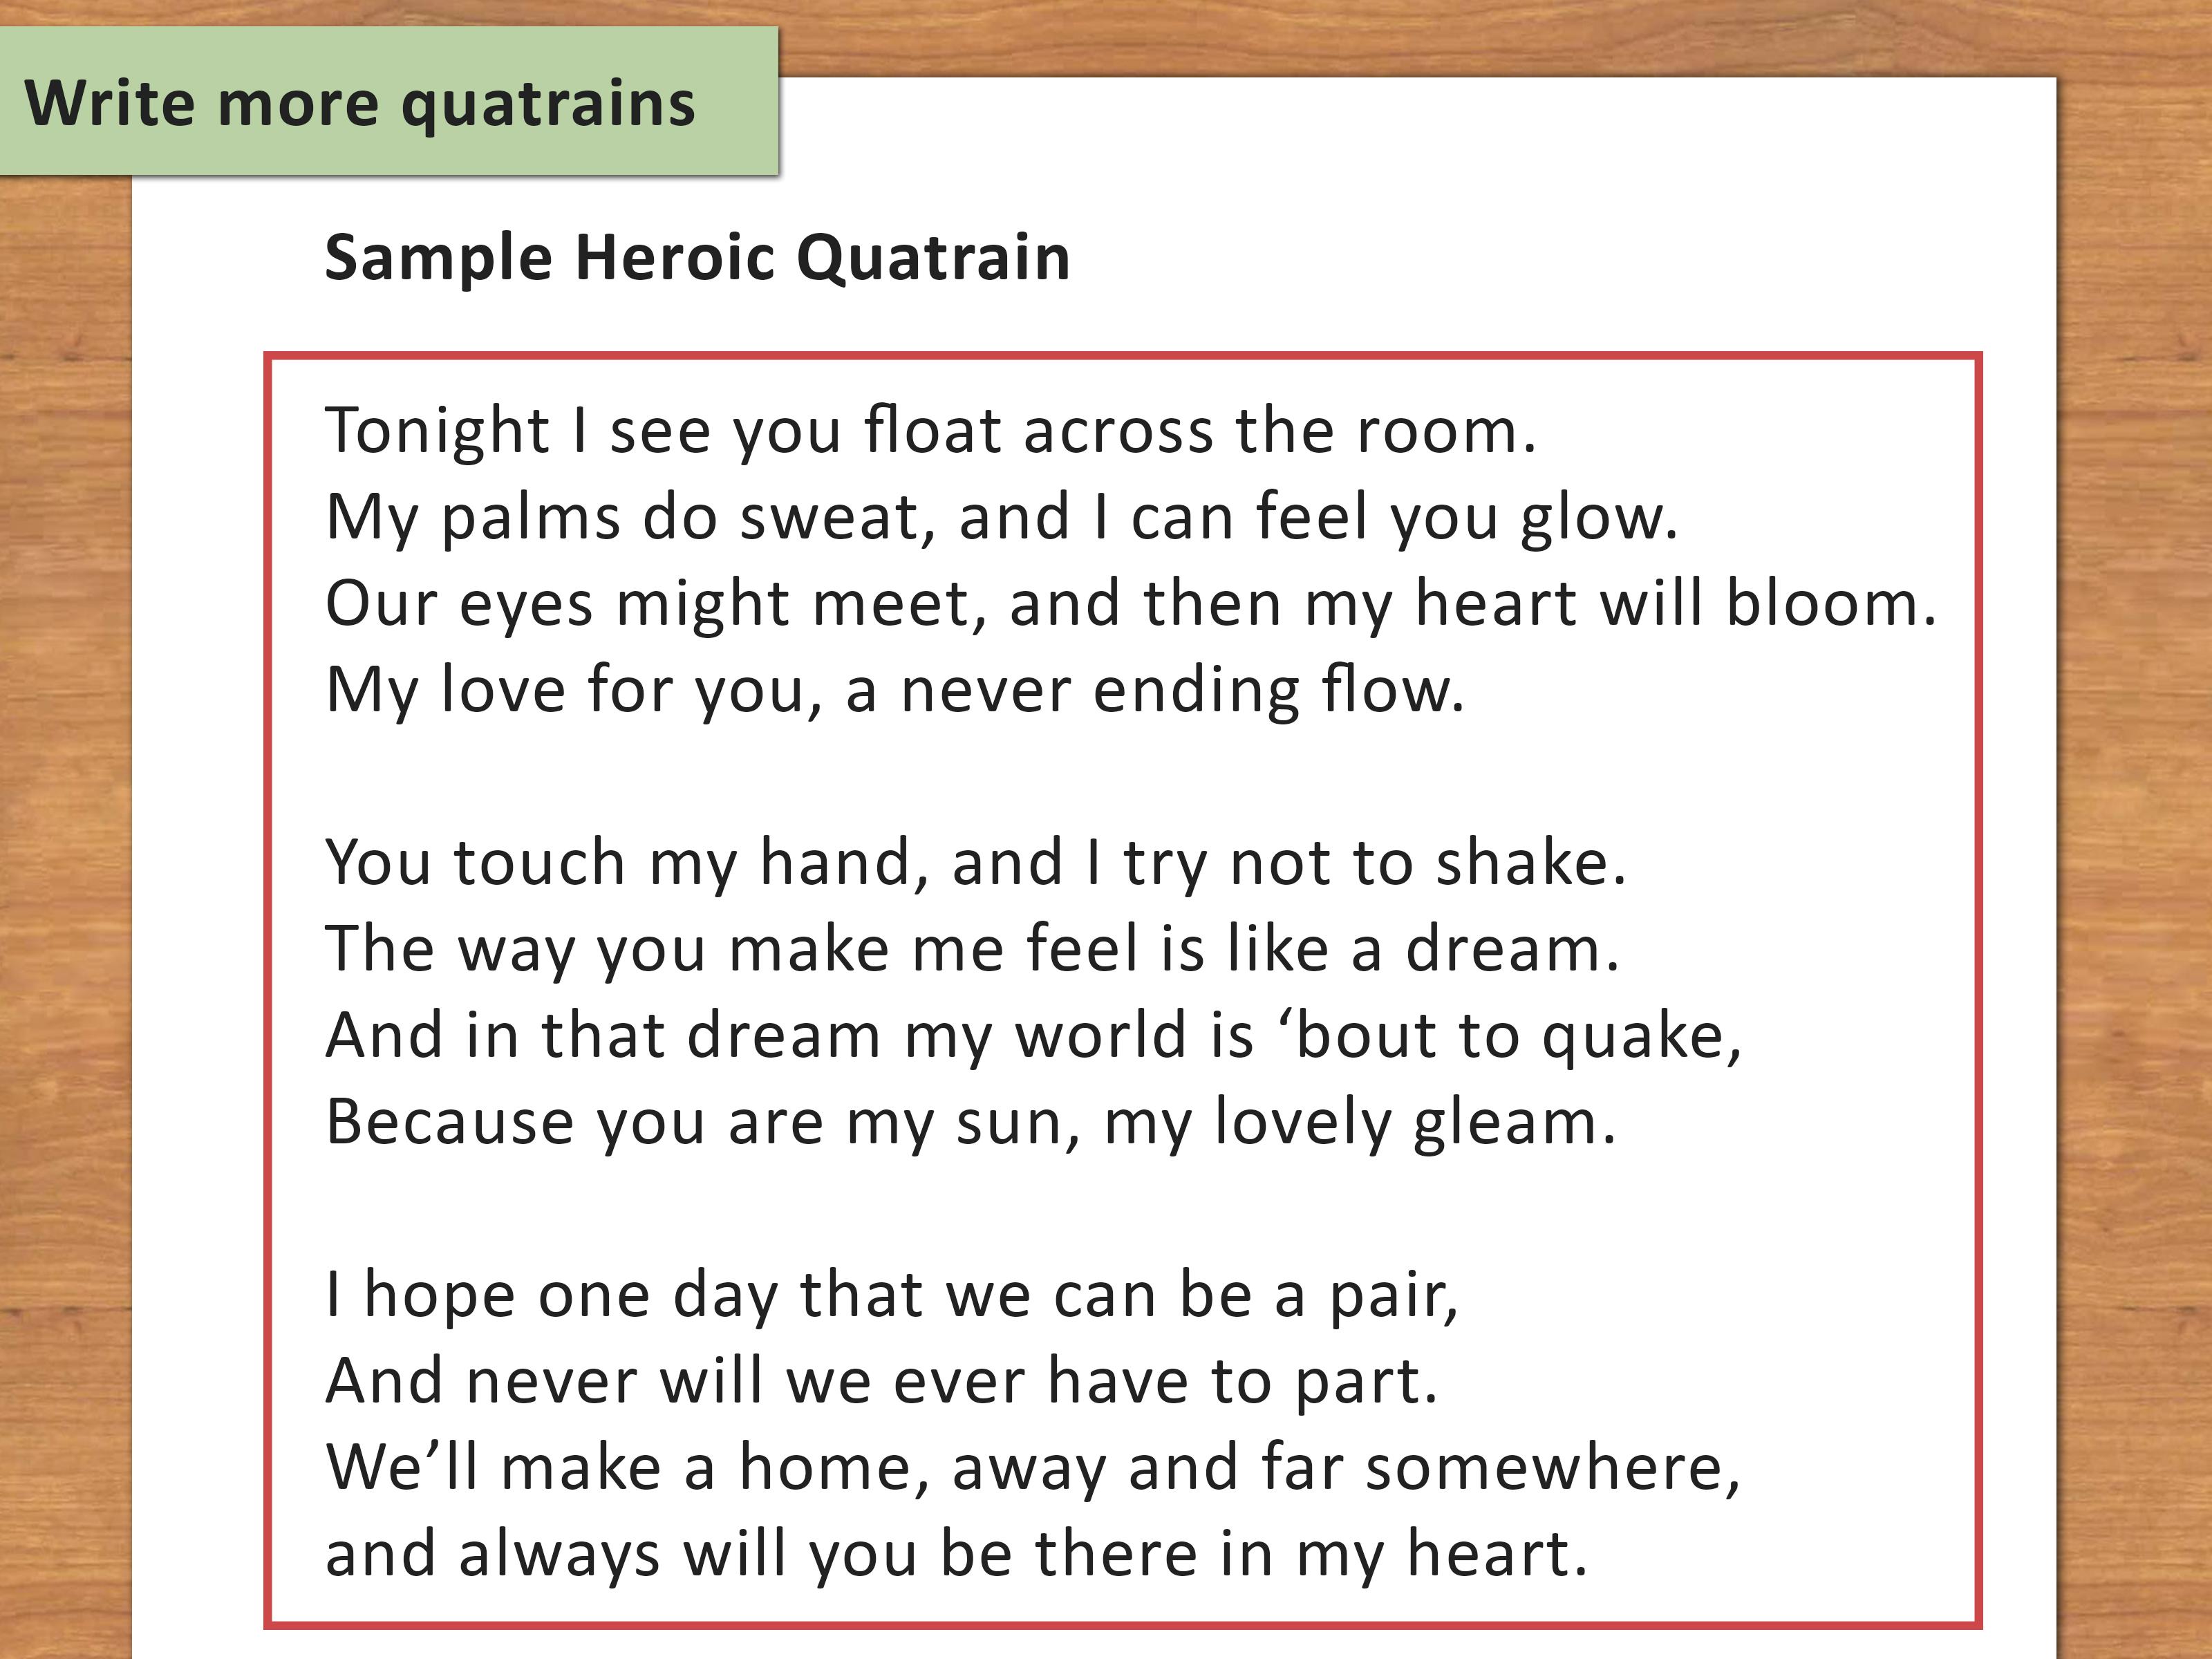 How To Write A Quatrain Poem With Sample Quatrains WikiHow